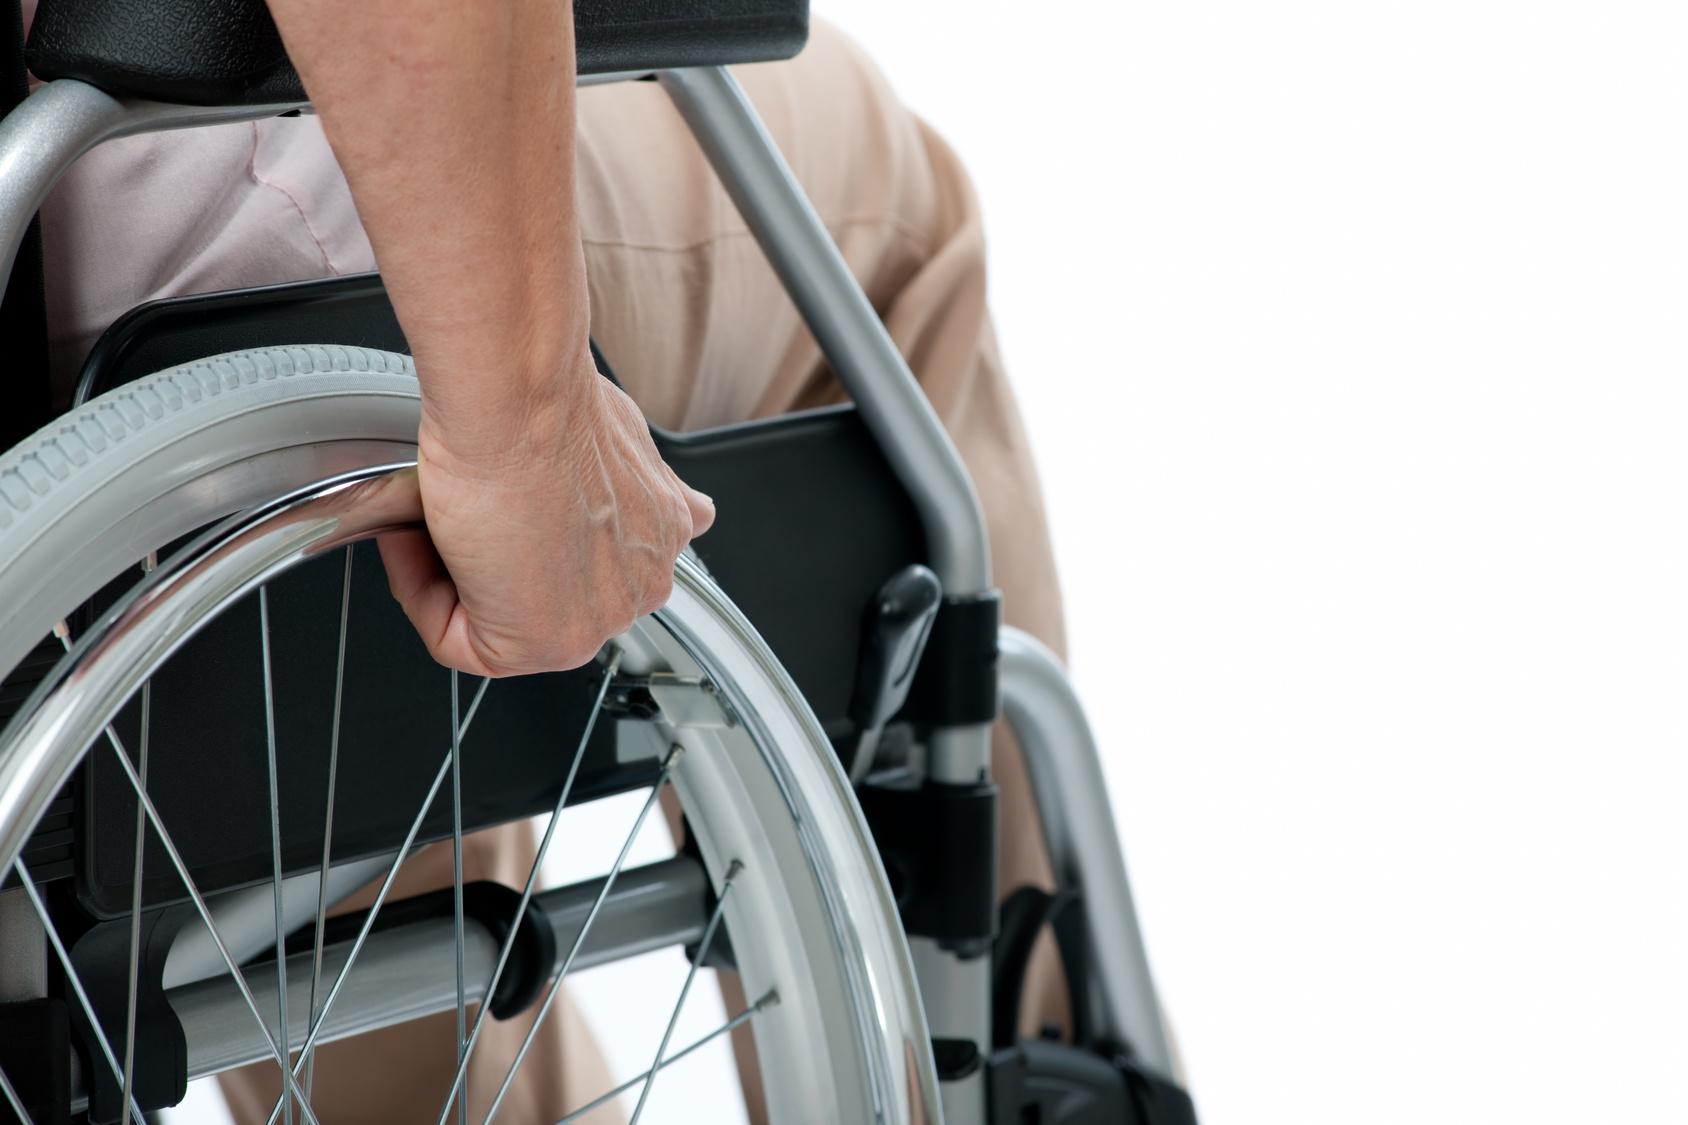 Продолжительность рабочего дня инвалида